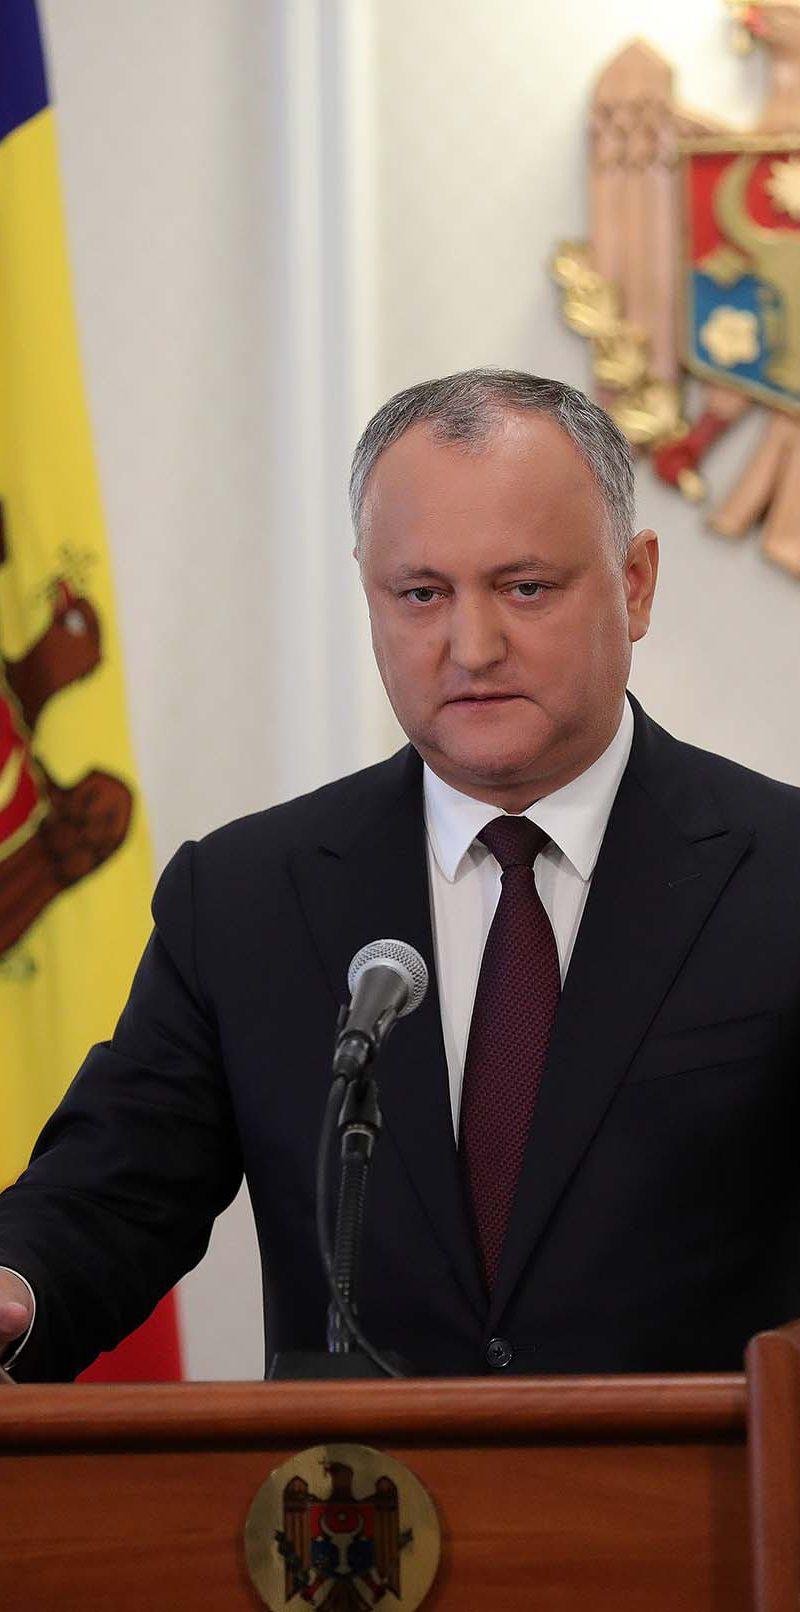 Додон: У Молдовы не может быть будущего без хороших отношений с Россией (ВИДЕО)